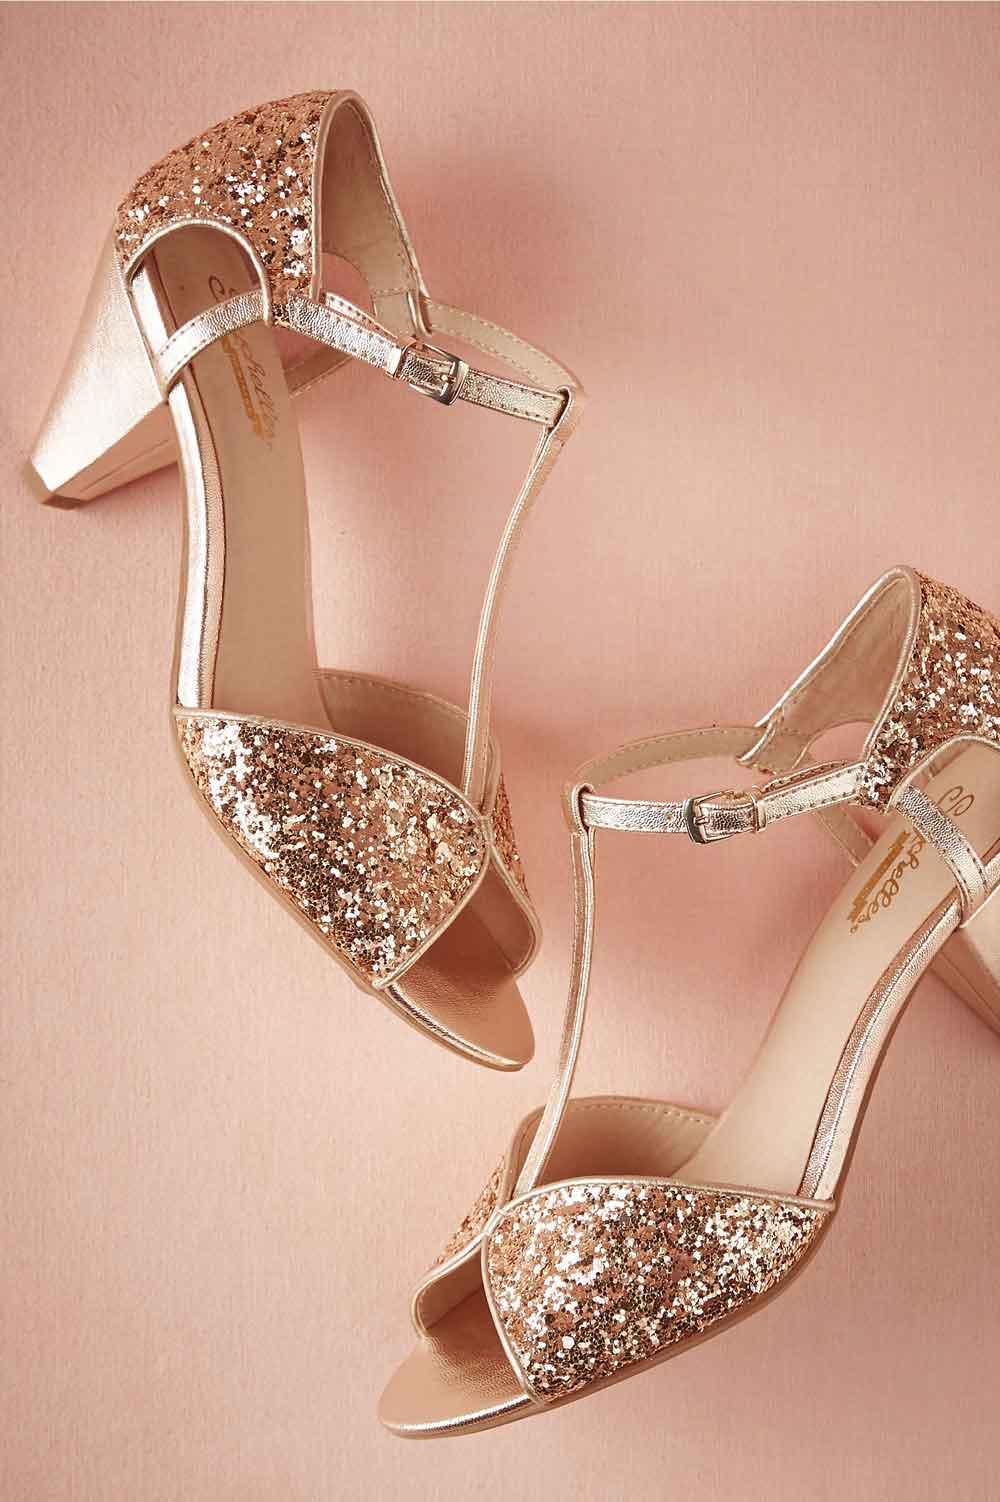 عکس مدل کفش مجلسی پاشنه کوتاه دخترانه به رنگ طلایی